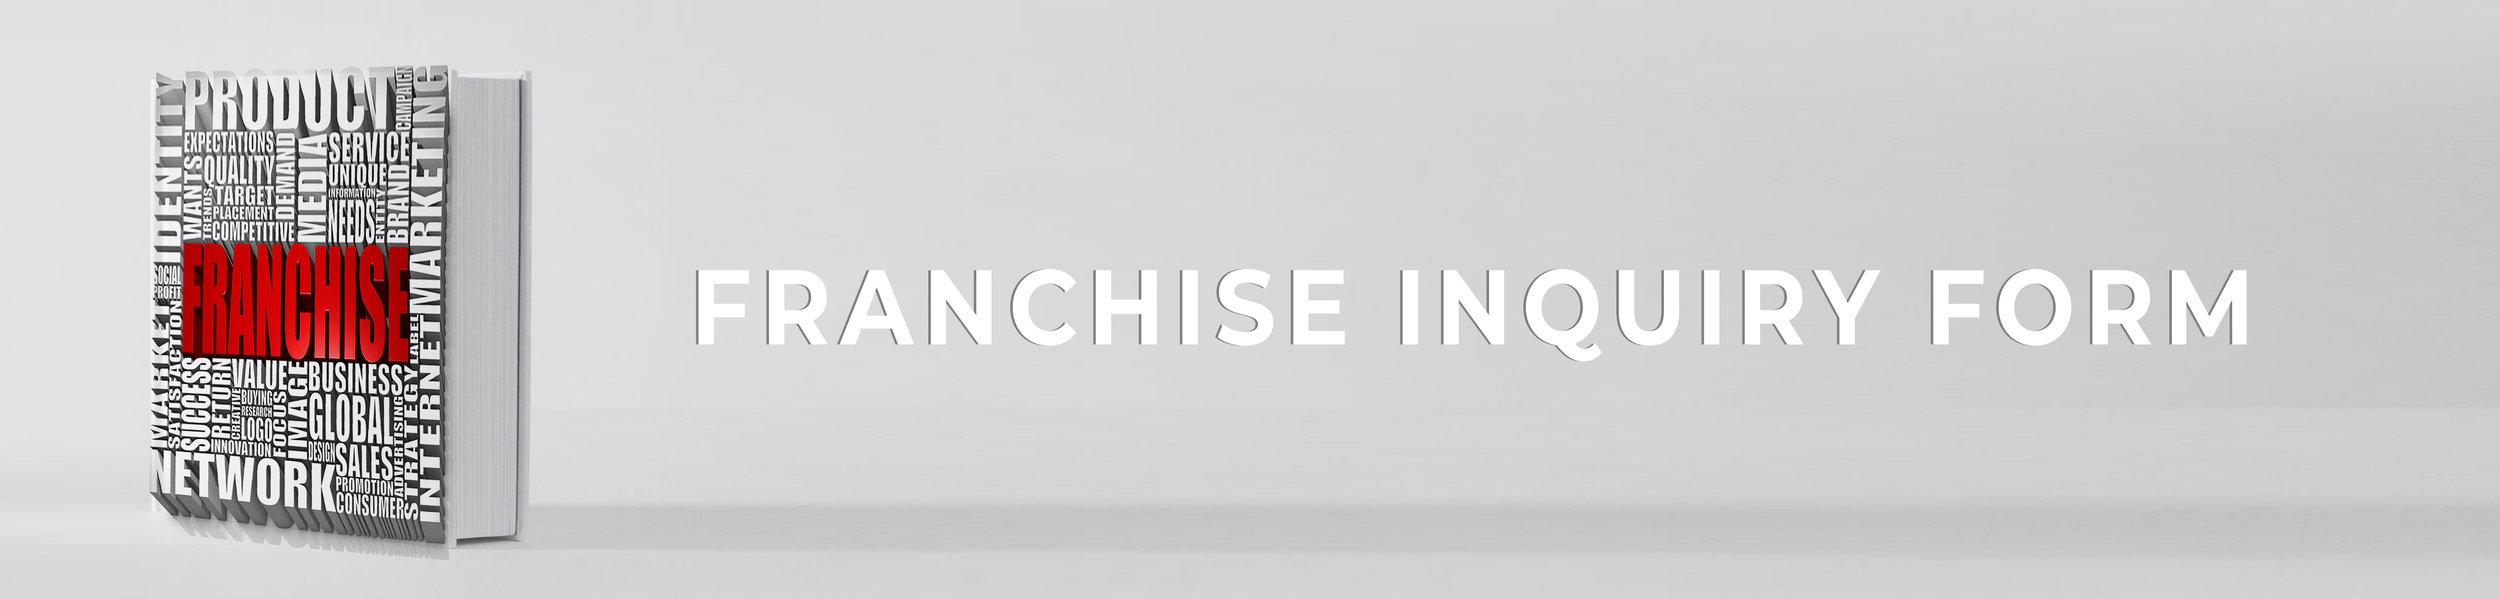 prairie-donair-franchise-inquiry-form.jpg